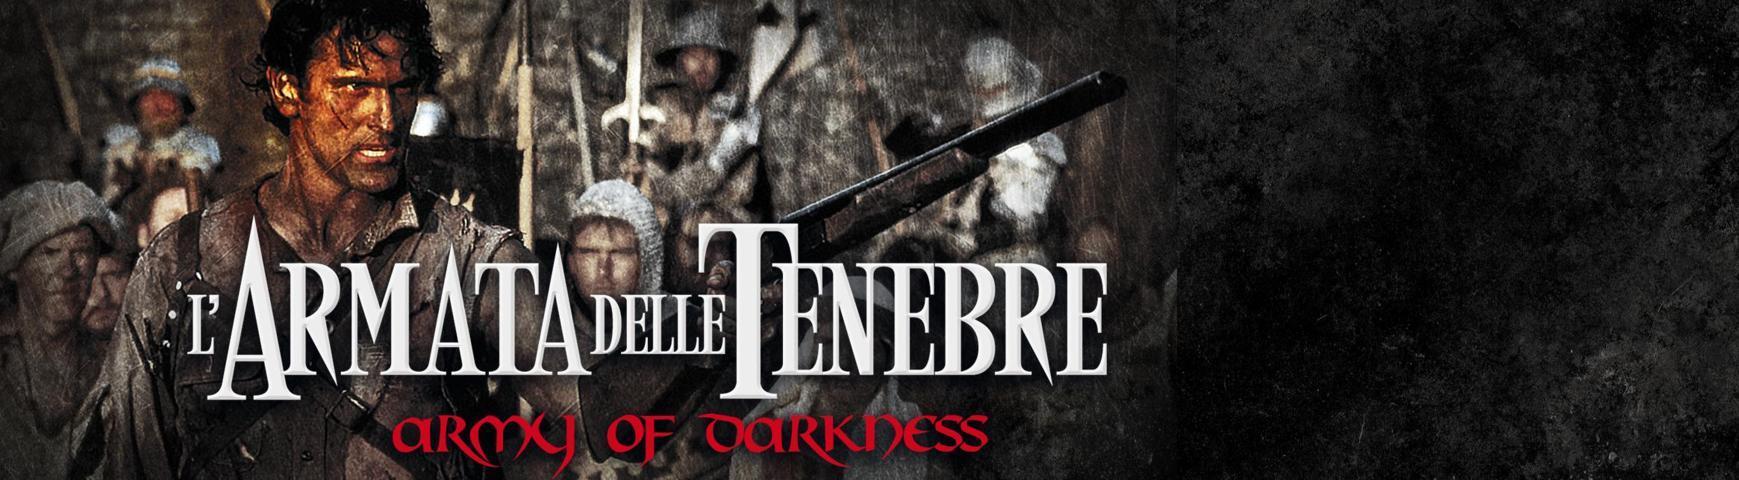 armata-tenebre-bluray-mf-intervista-copertina